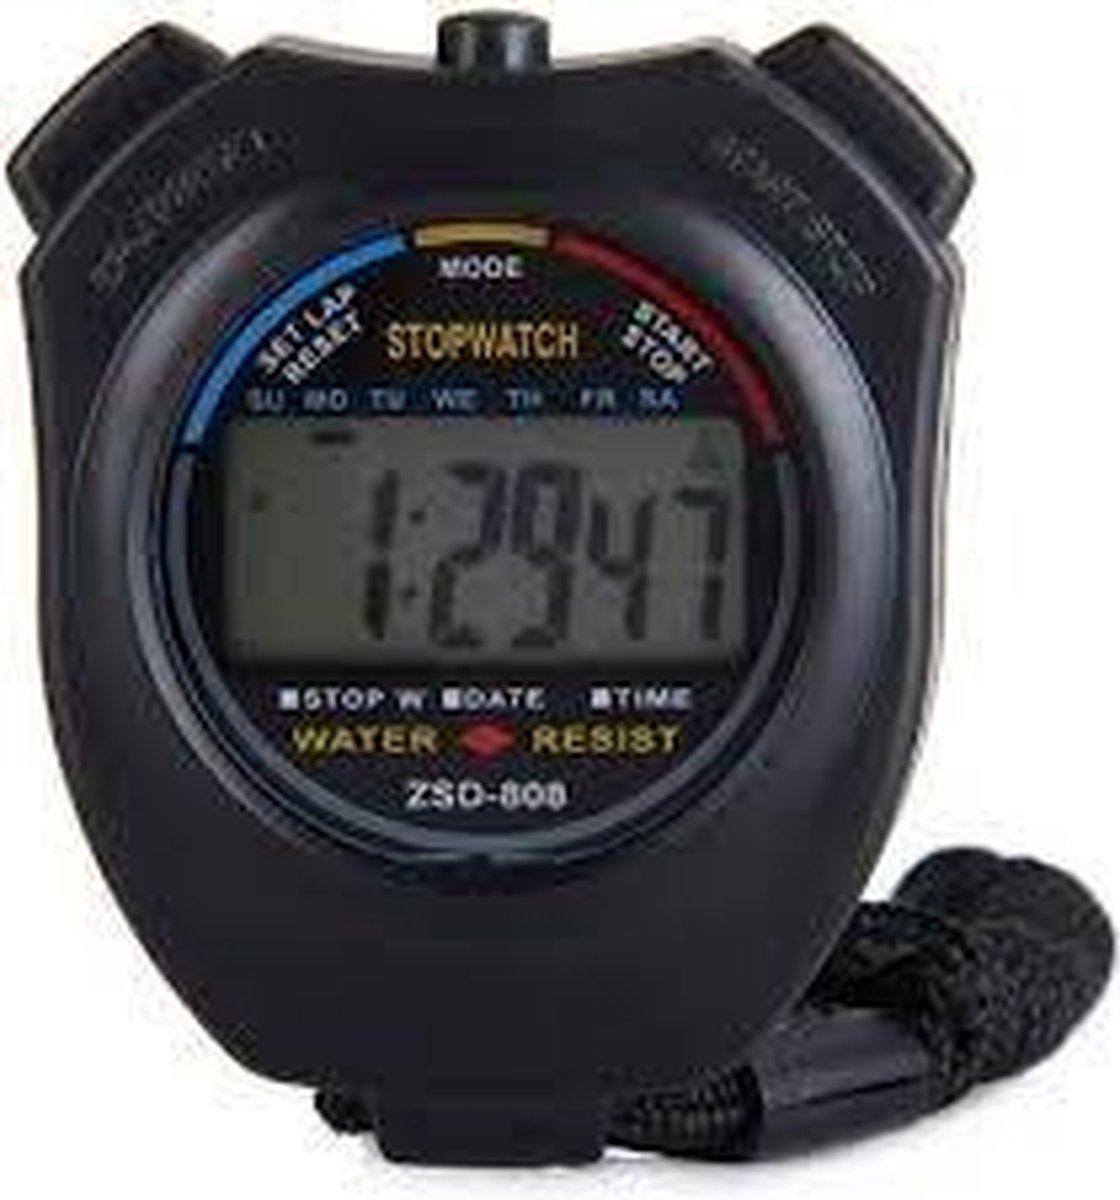 Stopwatch - Grote Display - Zwart (bulk verpakking) - Merkloos